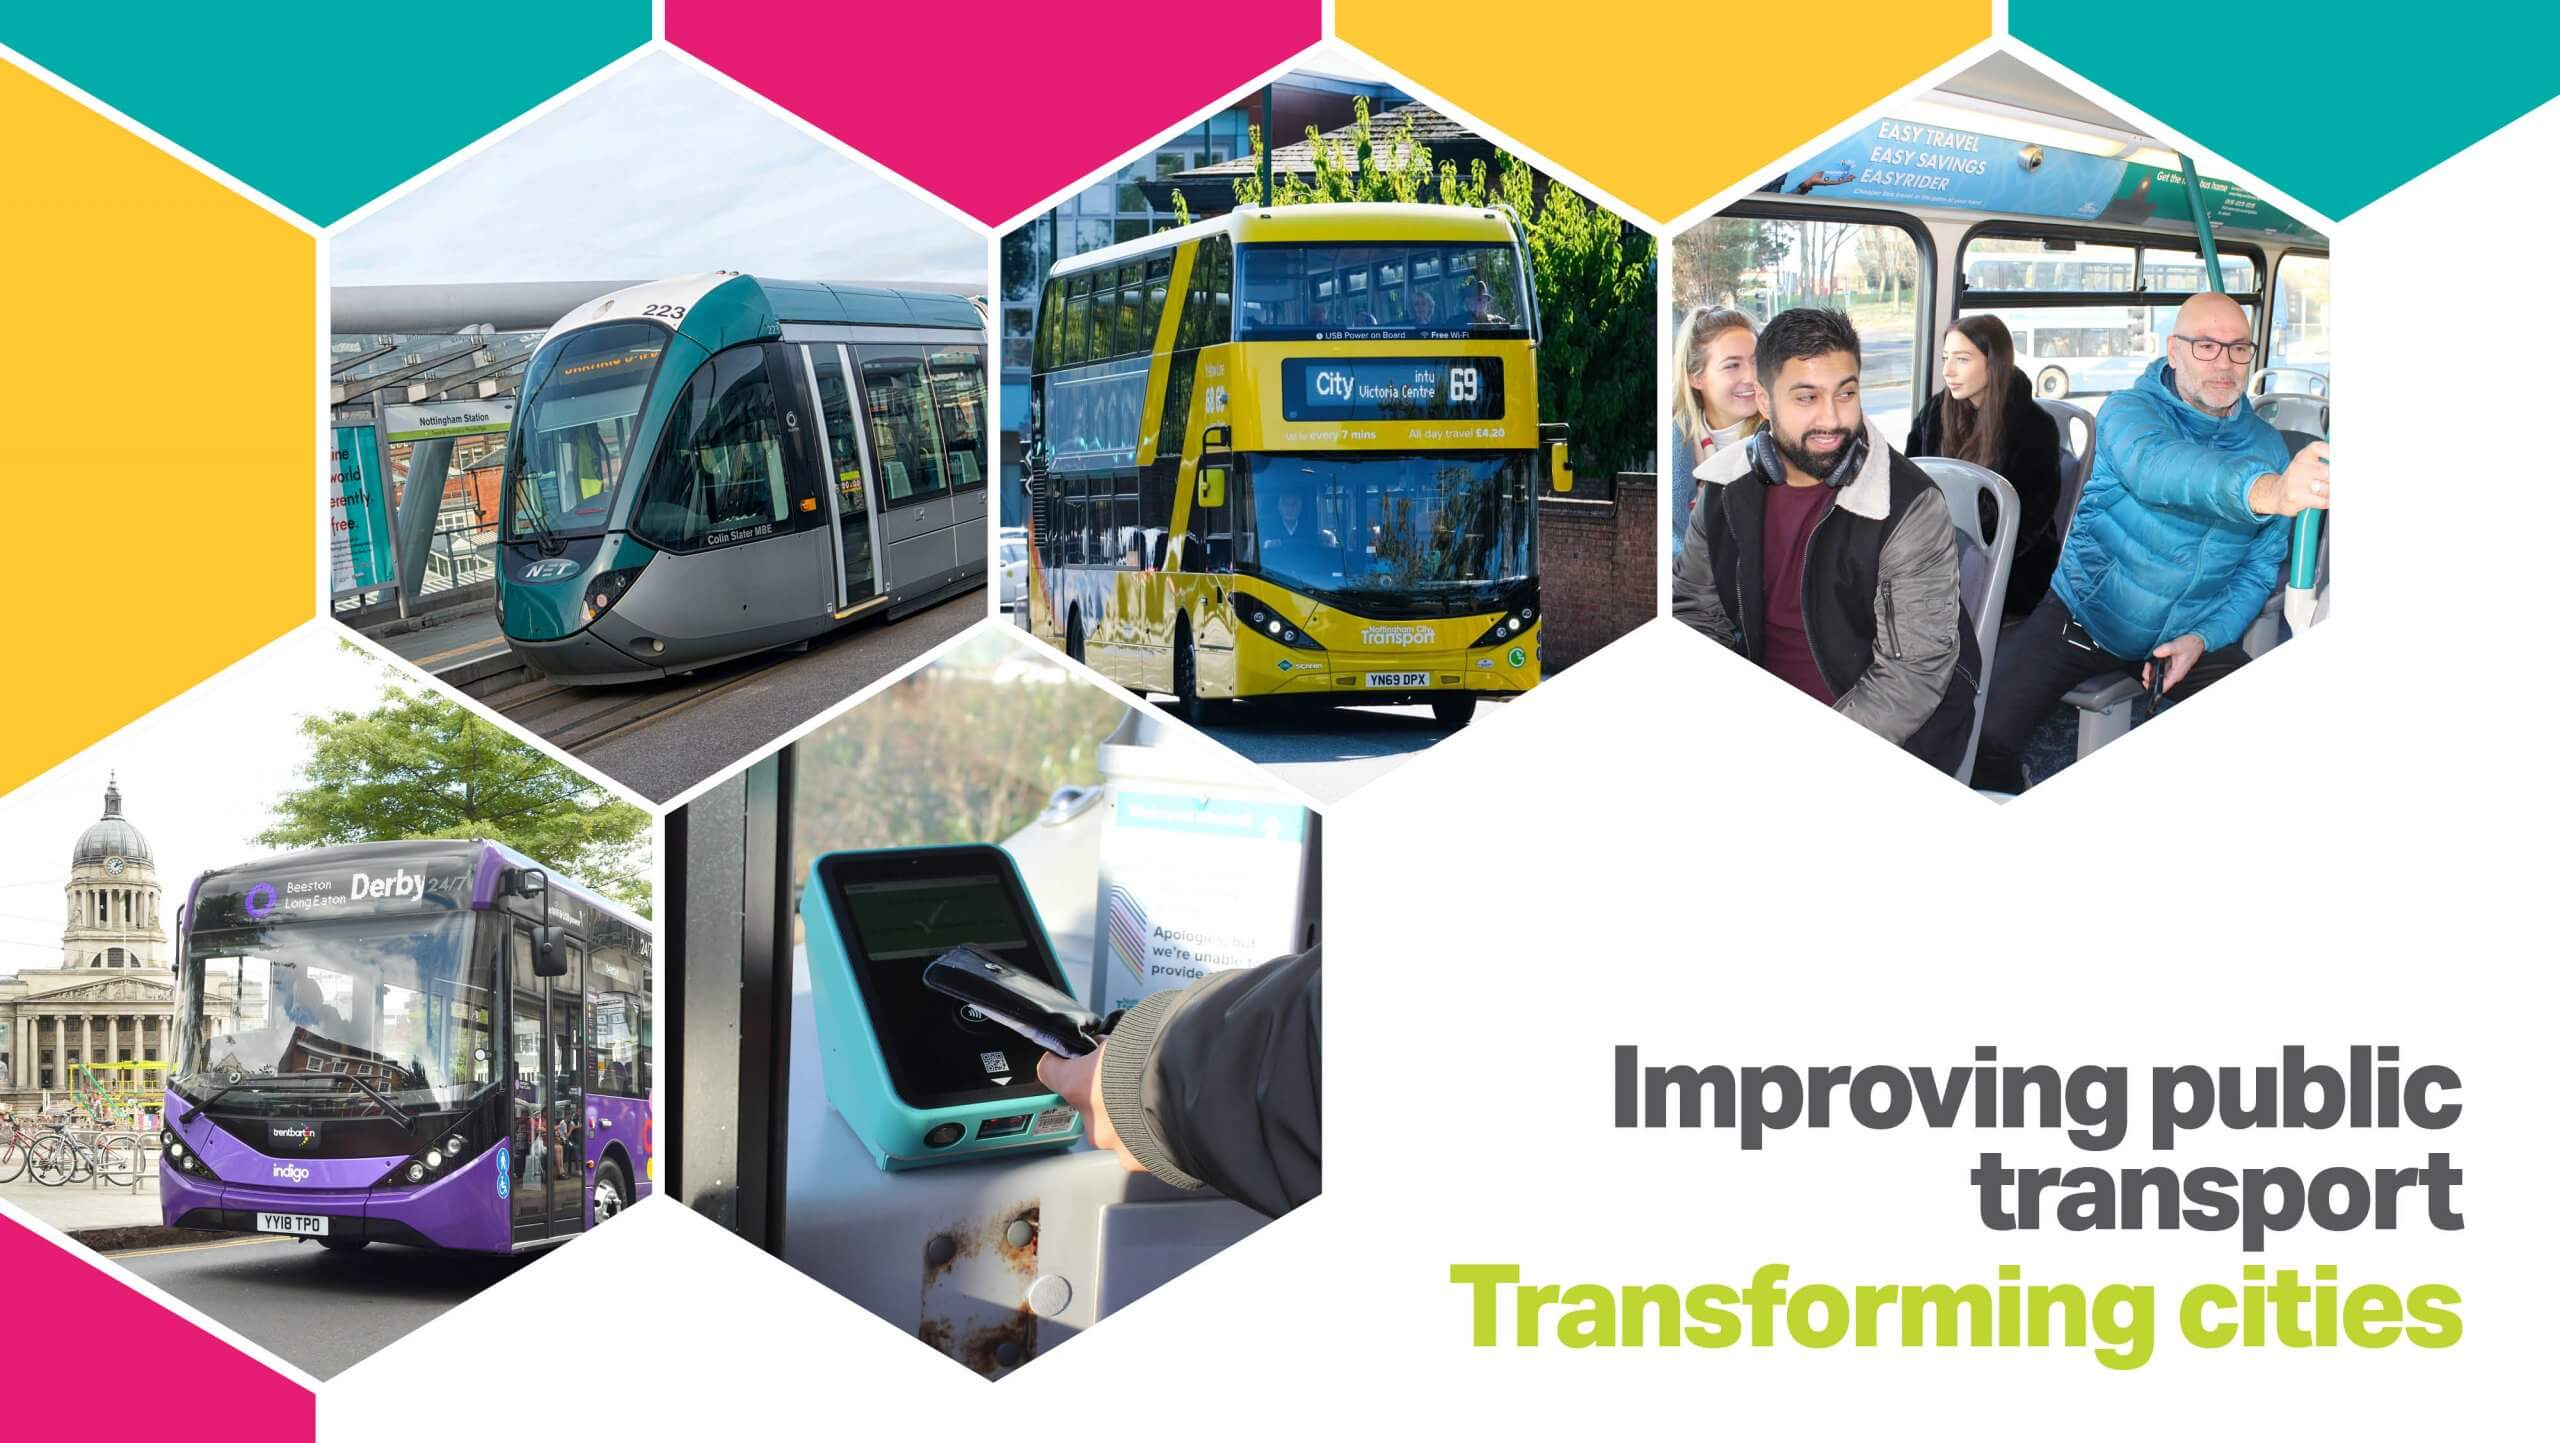 Transforming cities public transport improvements